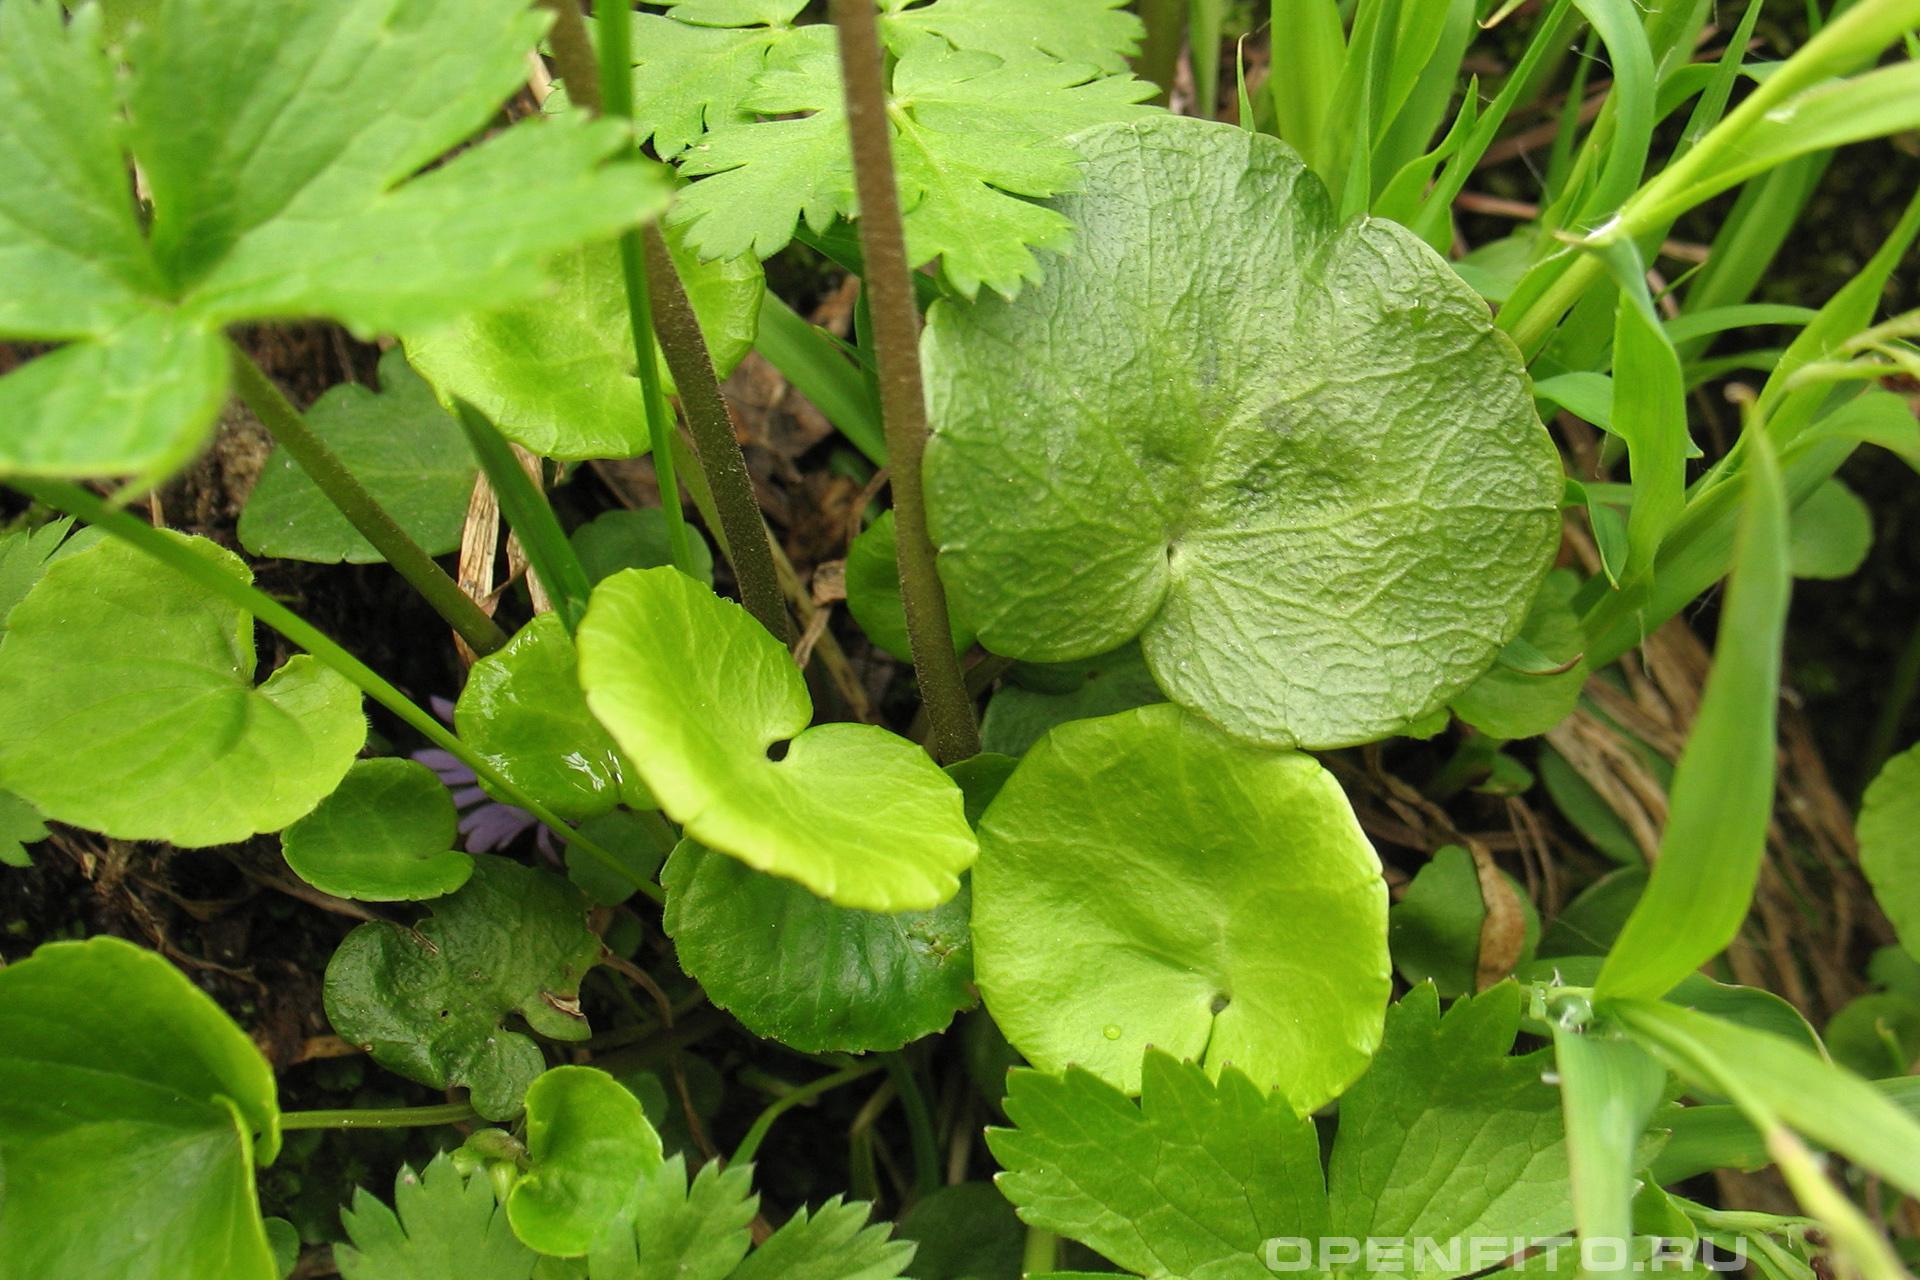 Сольданелла горная нижний лист растения круглый, а верхние уже сложные